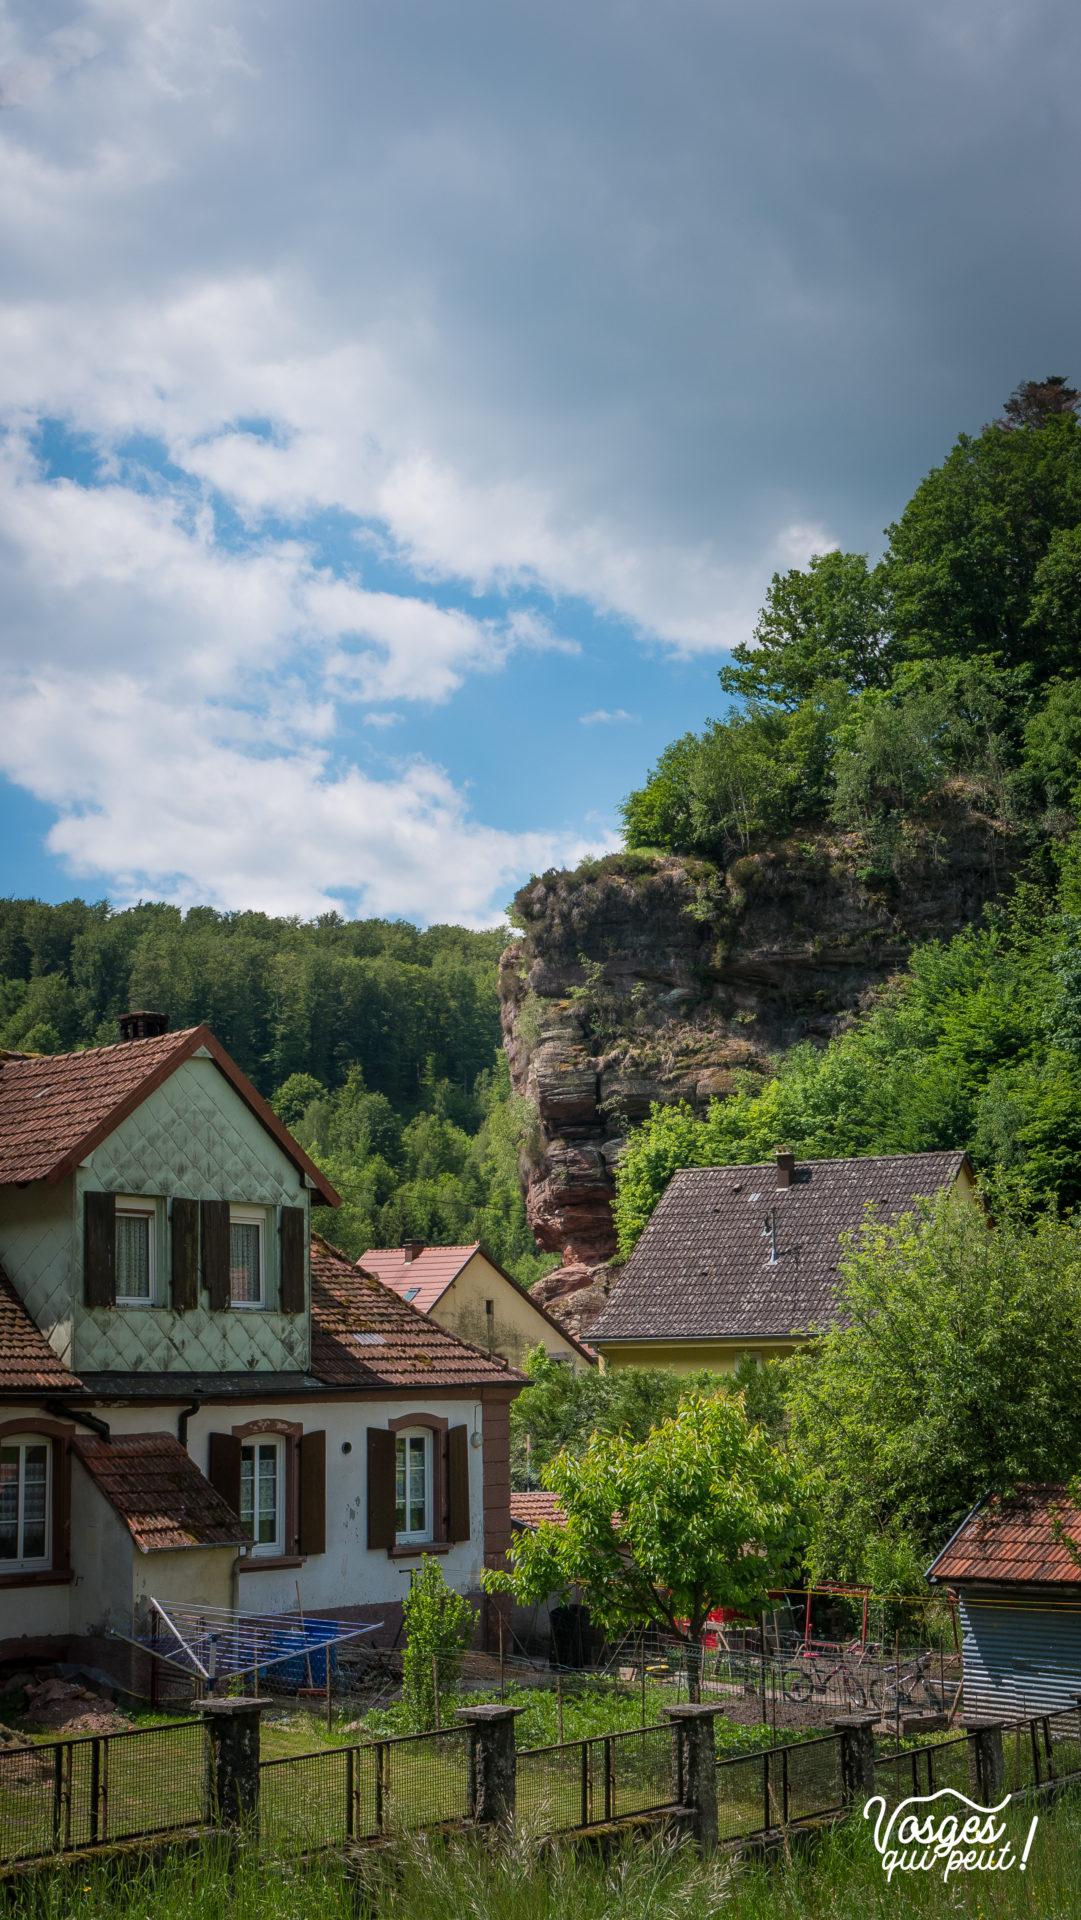 Le village de Graufthal dans les Vosges du Nord